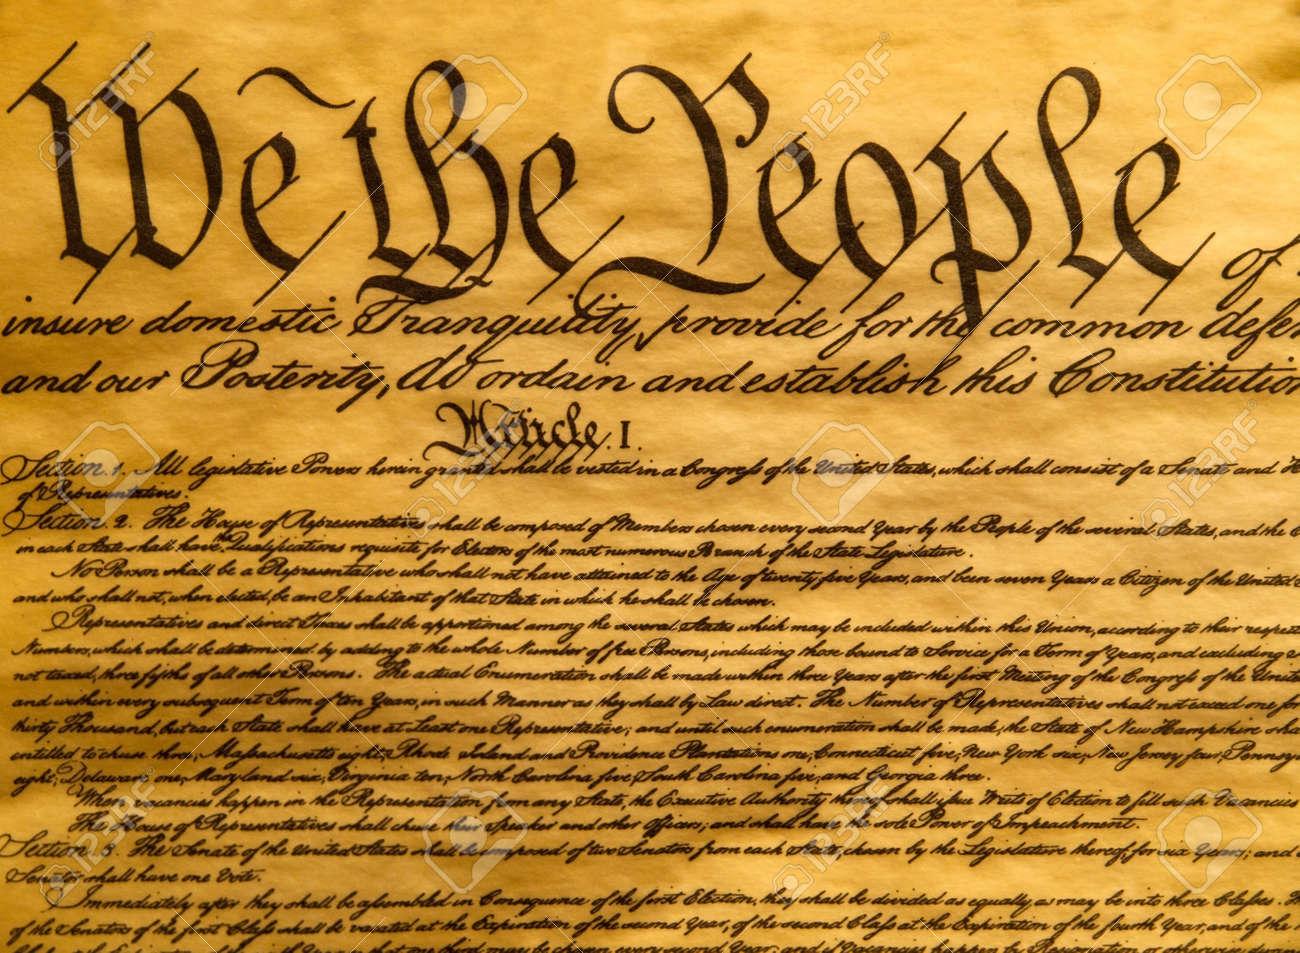 アメリカ合衆国憲法羊皮紙 の写真素材・画像素材 Image 9468683.